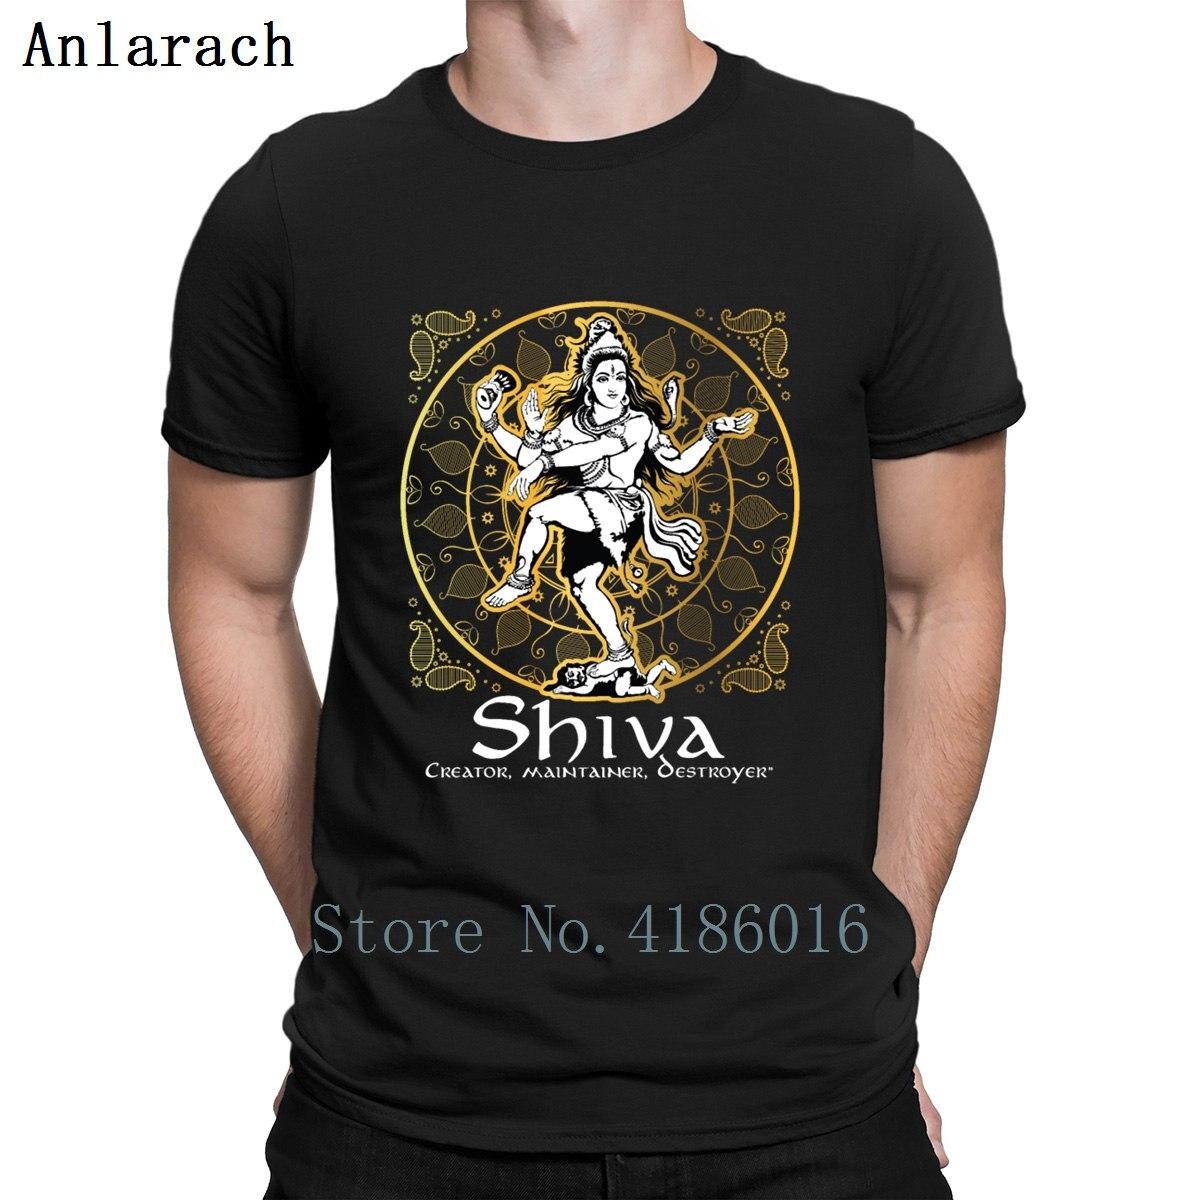 Señor Shiva diseño hinduismo regalo para los seguidores camiseta personalizada para hombre de manga corta estilo de verano camiseta Hip Hop novedad Linda